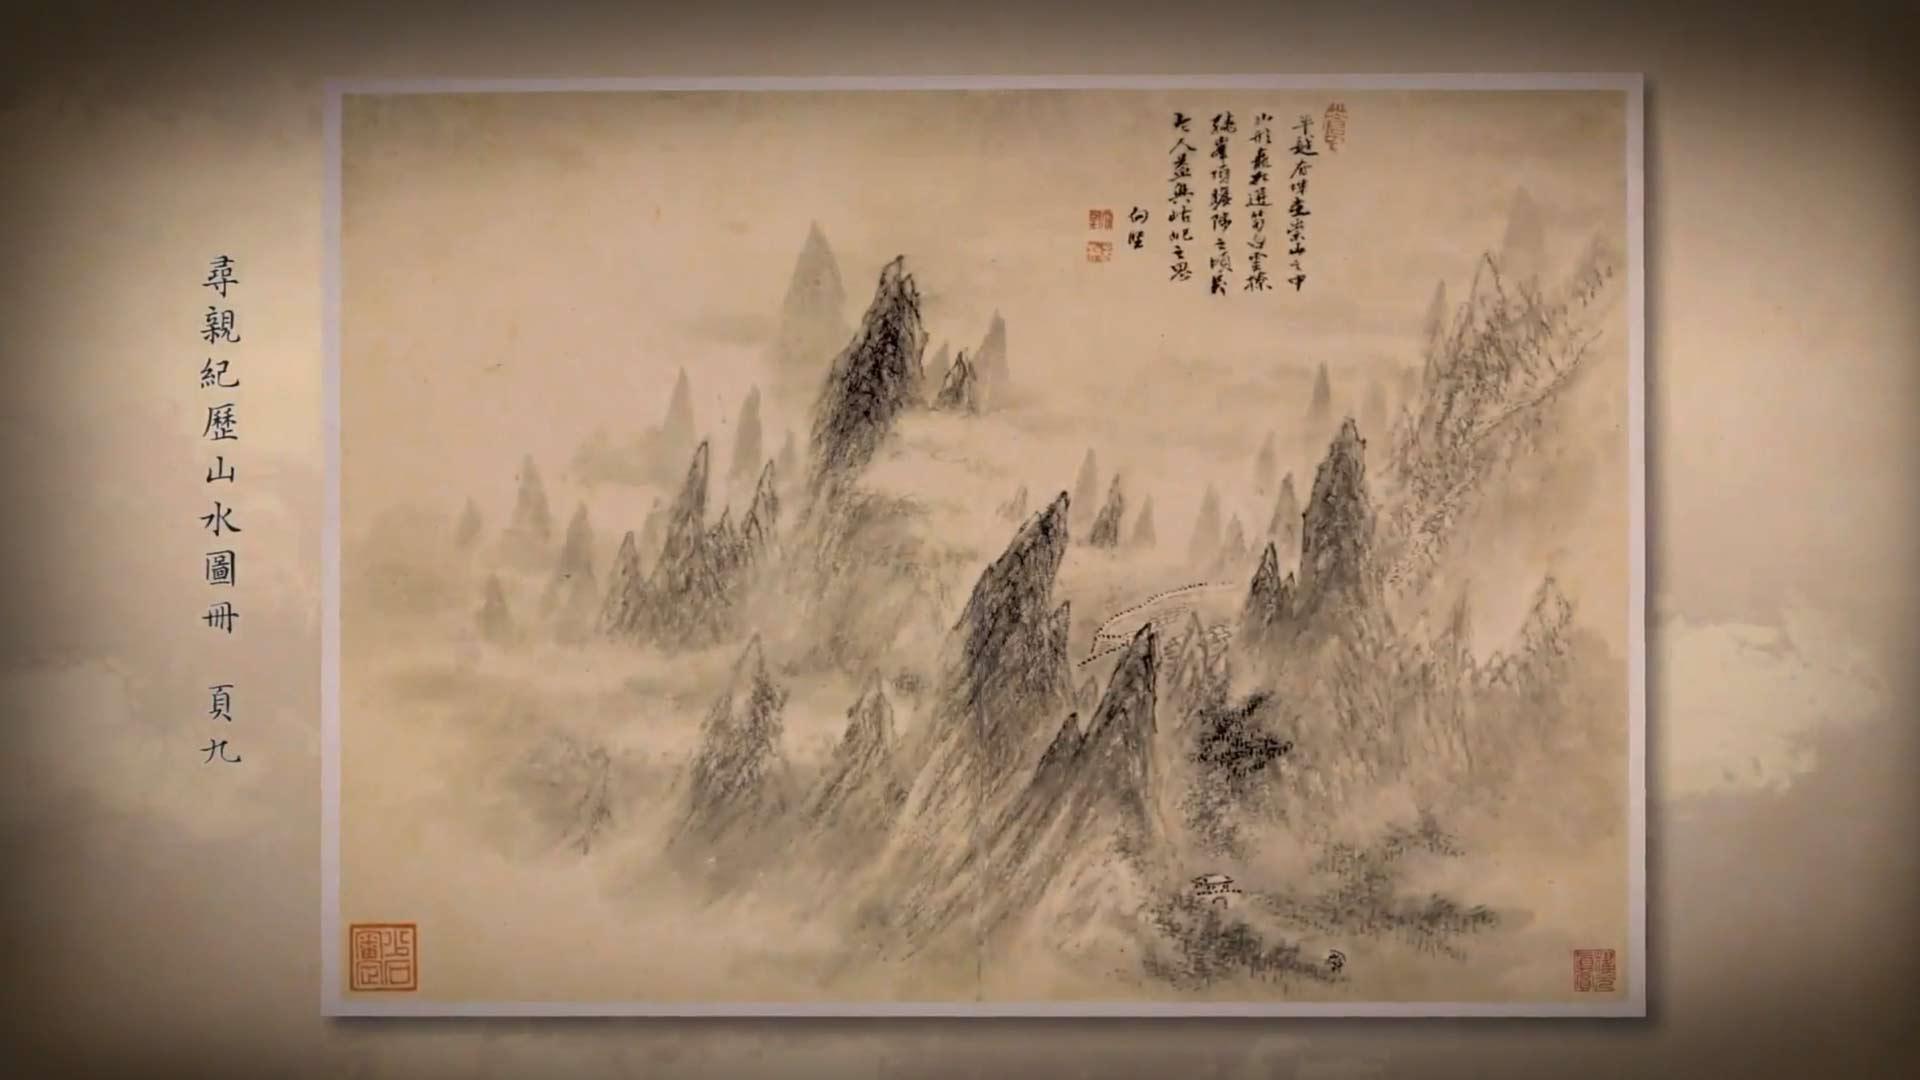 《呼吸美学-中国古画赏析》: 万水千山总是情 (2021年)<p>画作提供:香港艺术馆至乐楼藏</p>